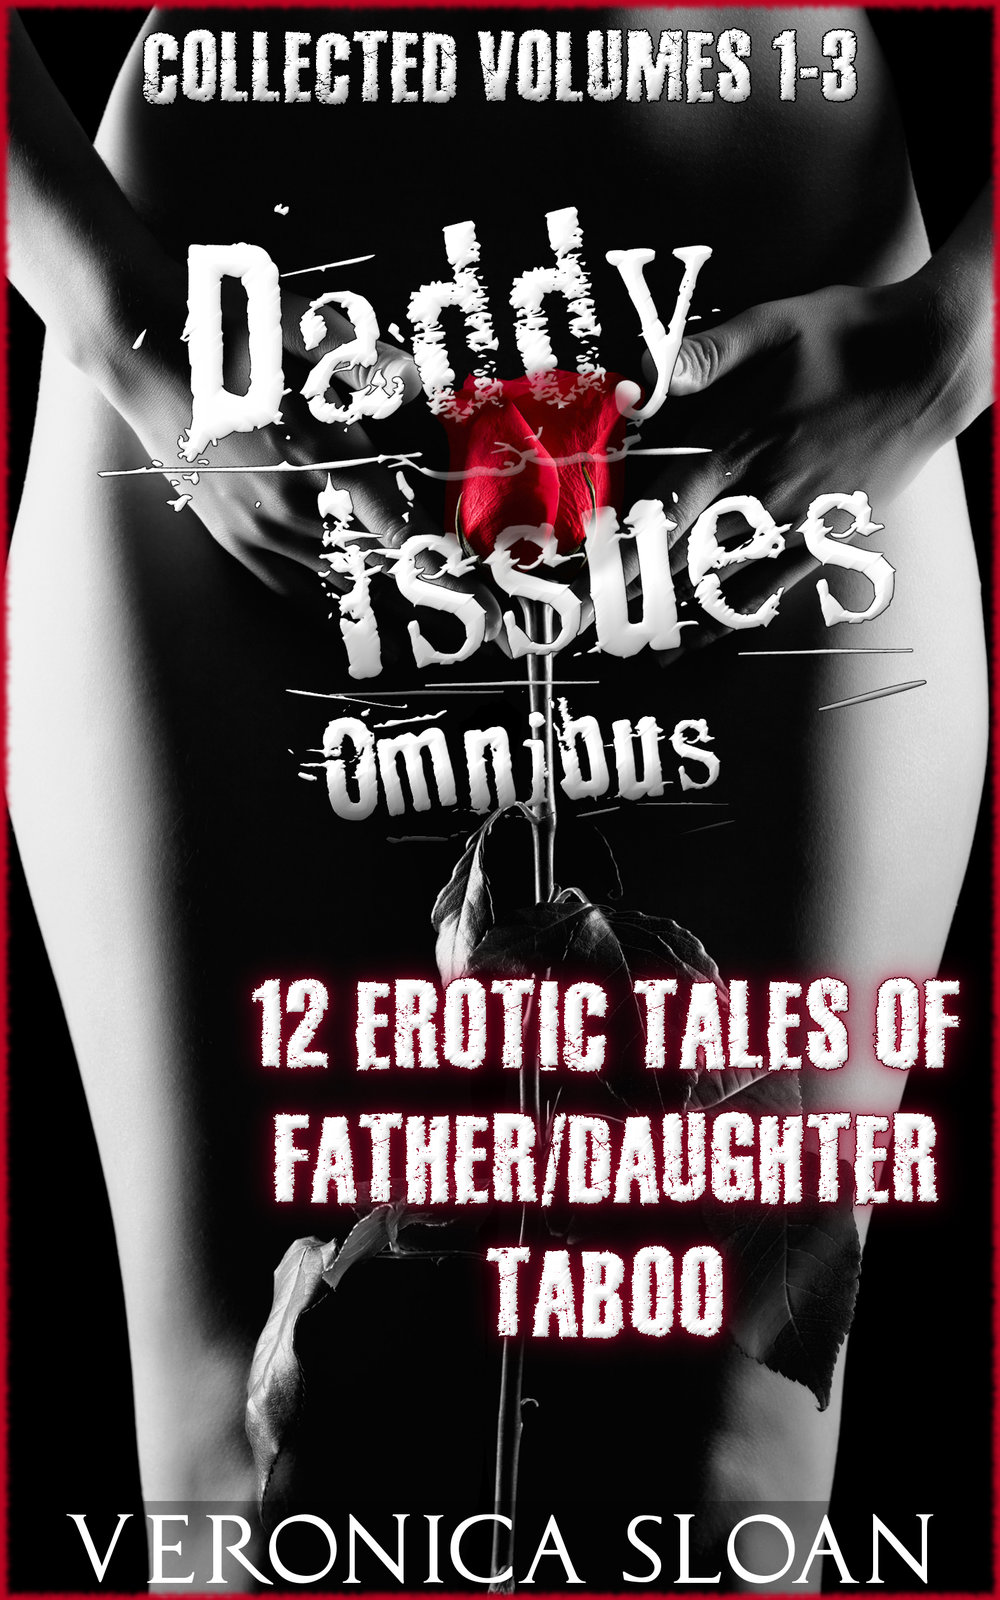 daddy-issues-omnibus.jpg